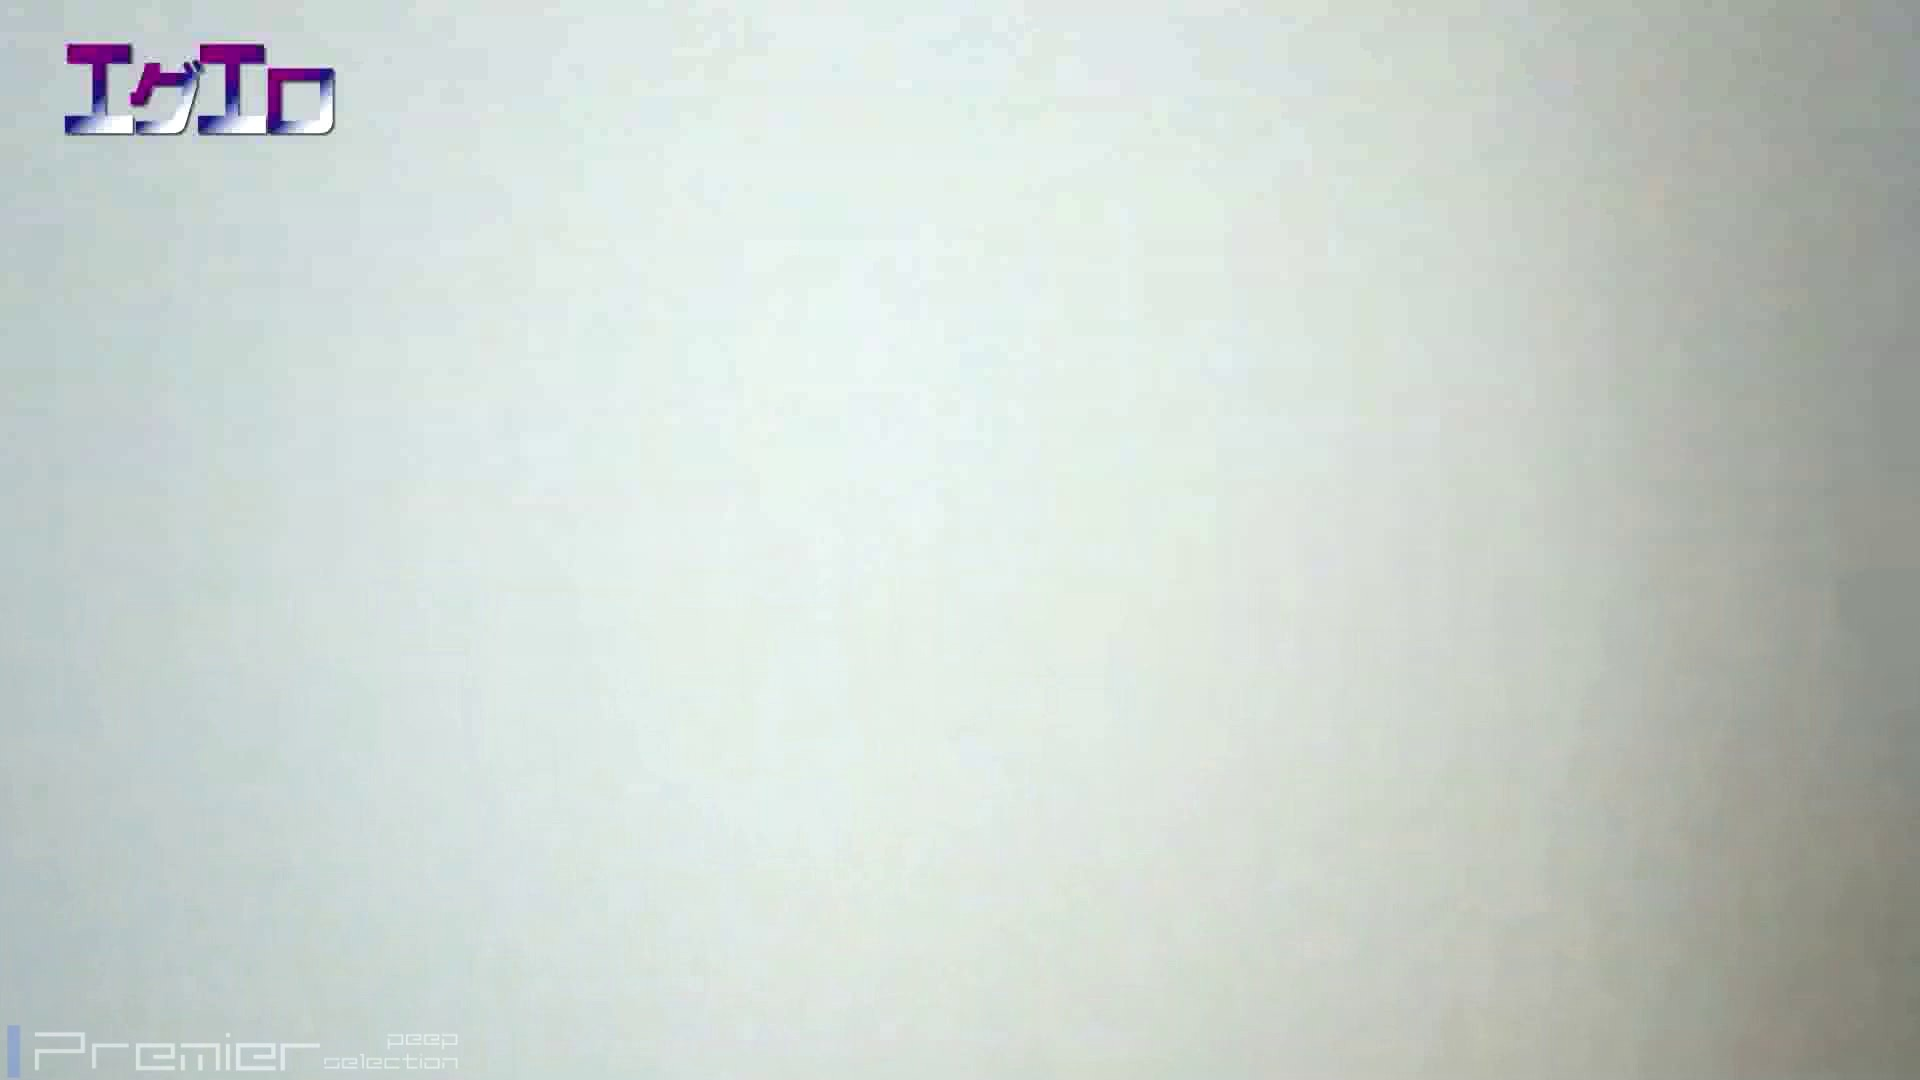 至近距離洗面所 Vol.10ブルージーンズギャルの大放nyo OL | ギャル・コレクション  61連発 41